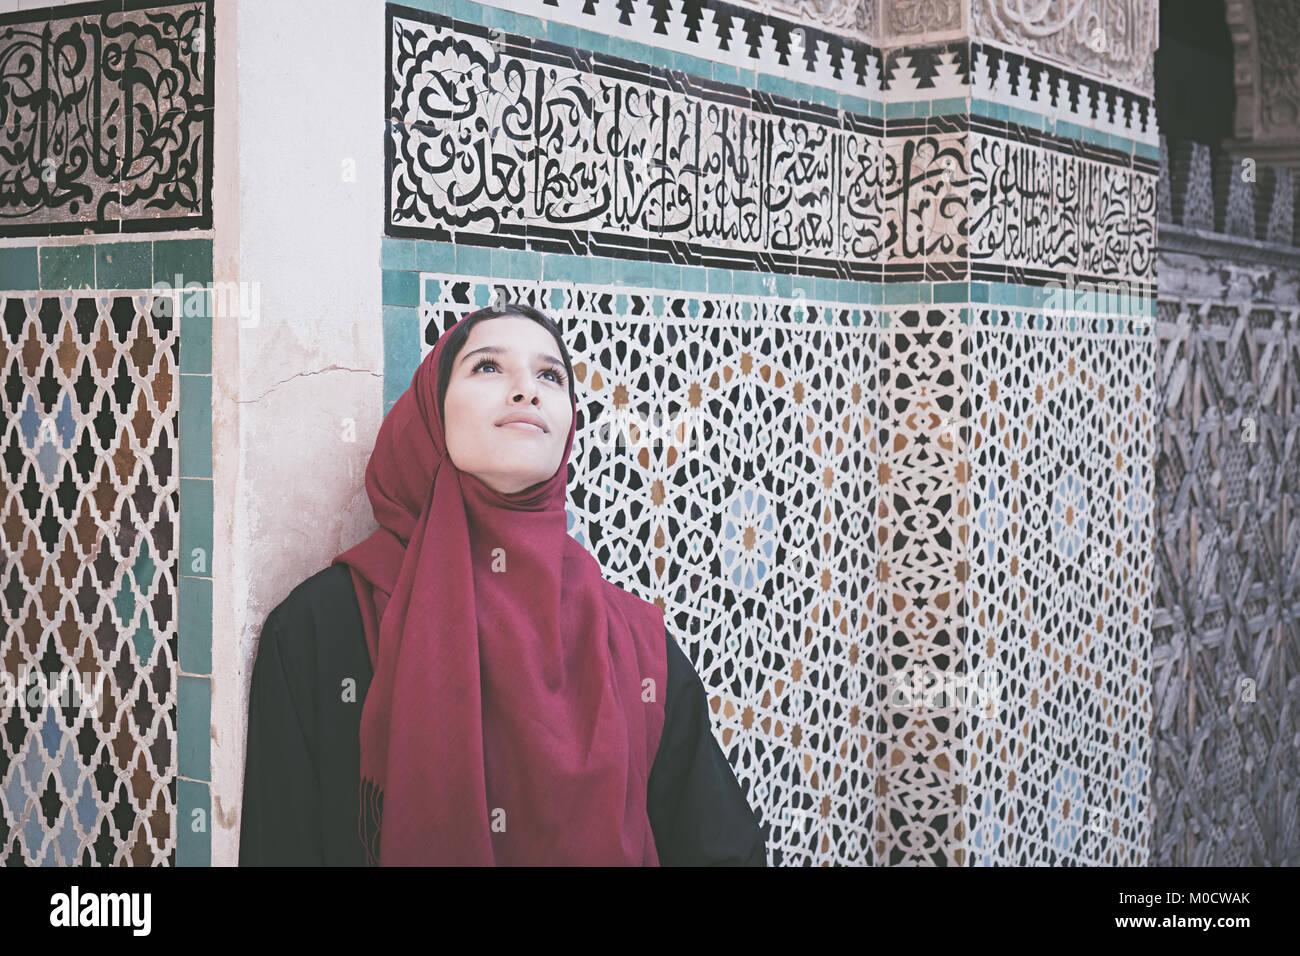 La donna araba in abbigliamento tradizionale con red hijab davanti al muro con testo dal Corano Immagini Stock